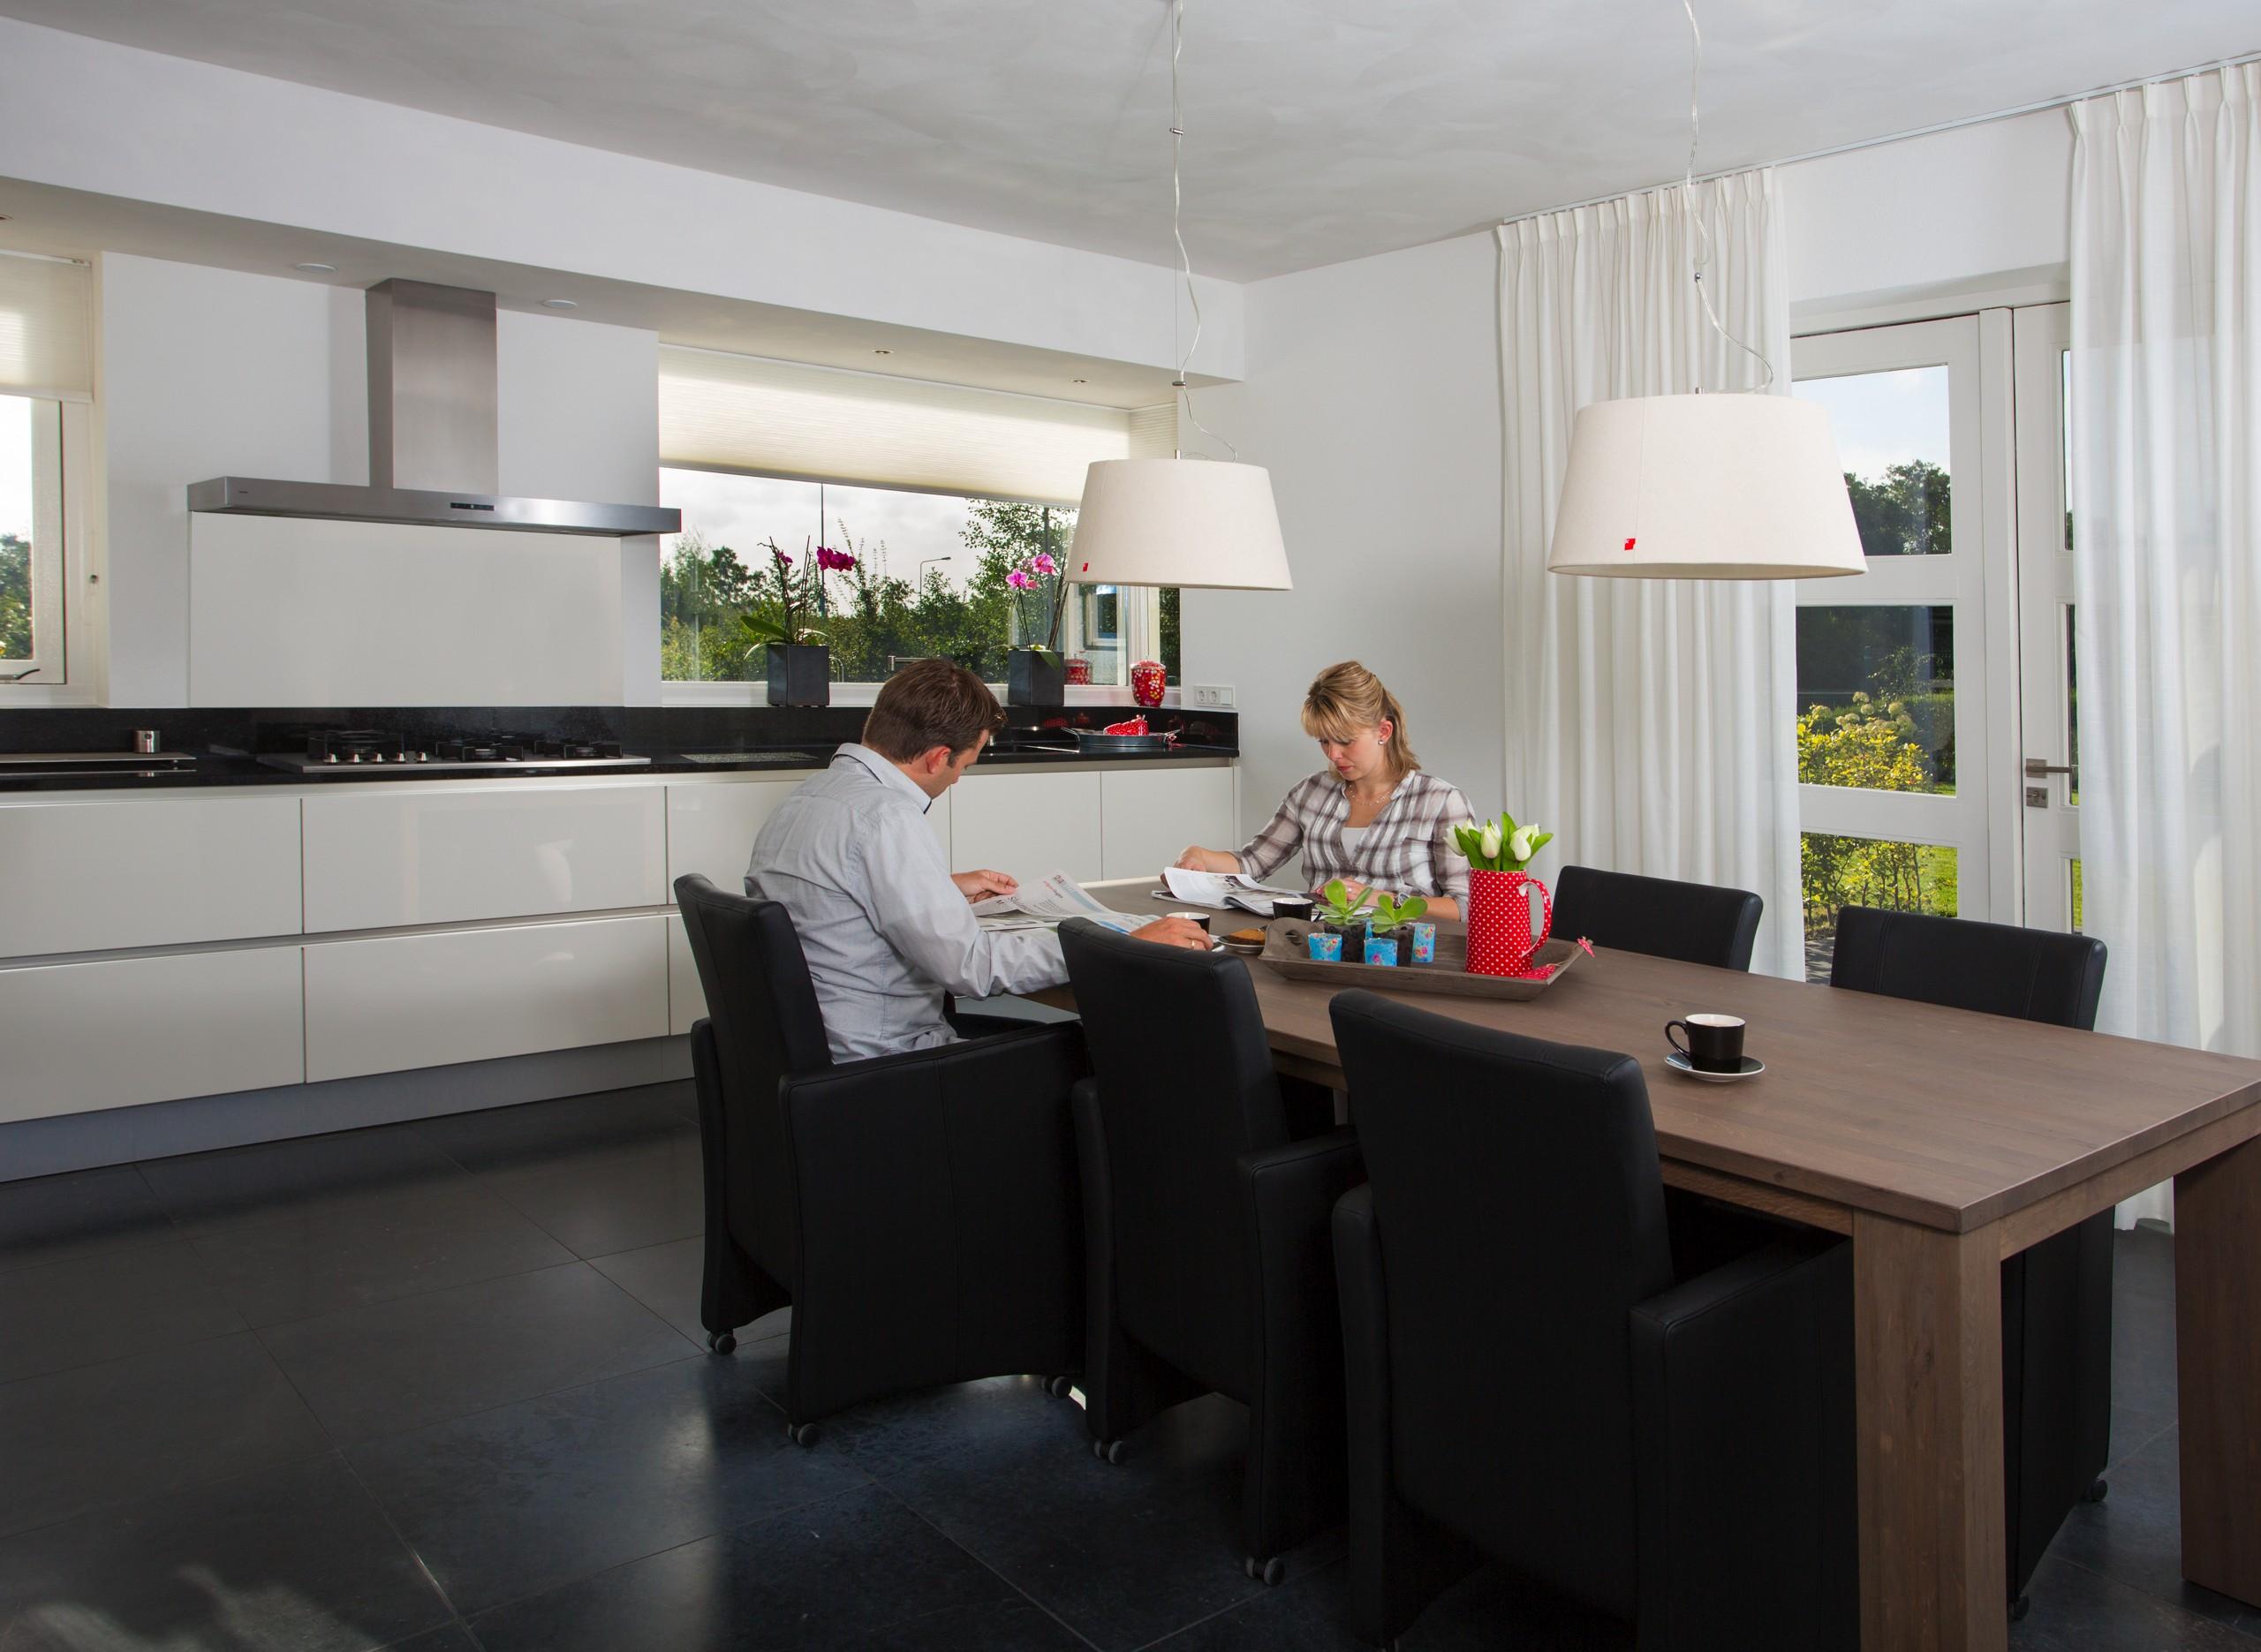 Maatwerk greeploze keuken hoogglans wit zwaagwesteinde - Moderne keukentafel ...